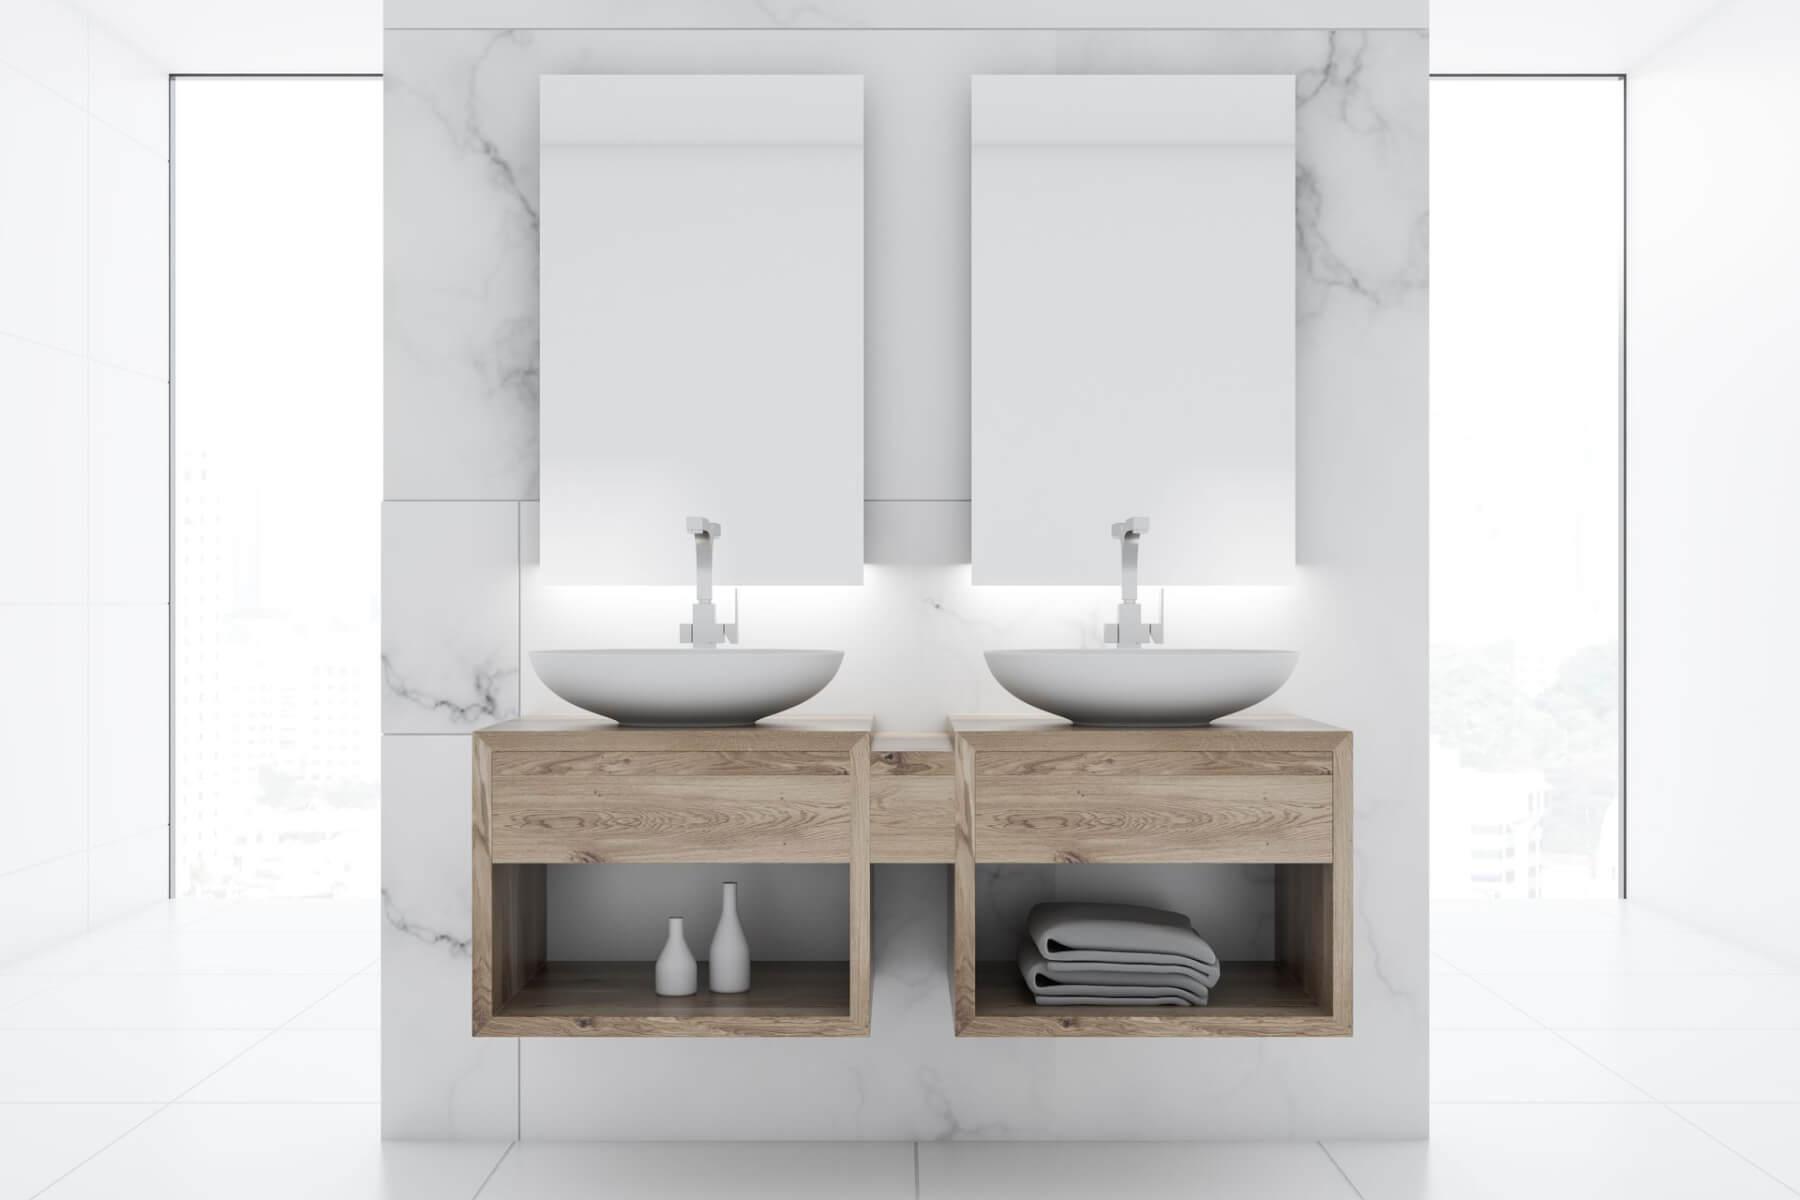 Mobile Sotto Mensola Bagno consigli per installare un lavabo da bagno doppio - arte bagno